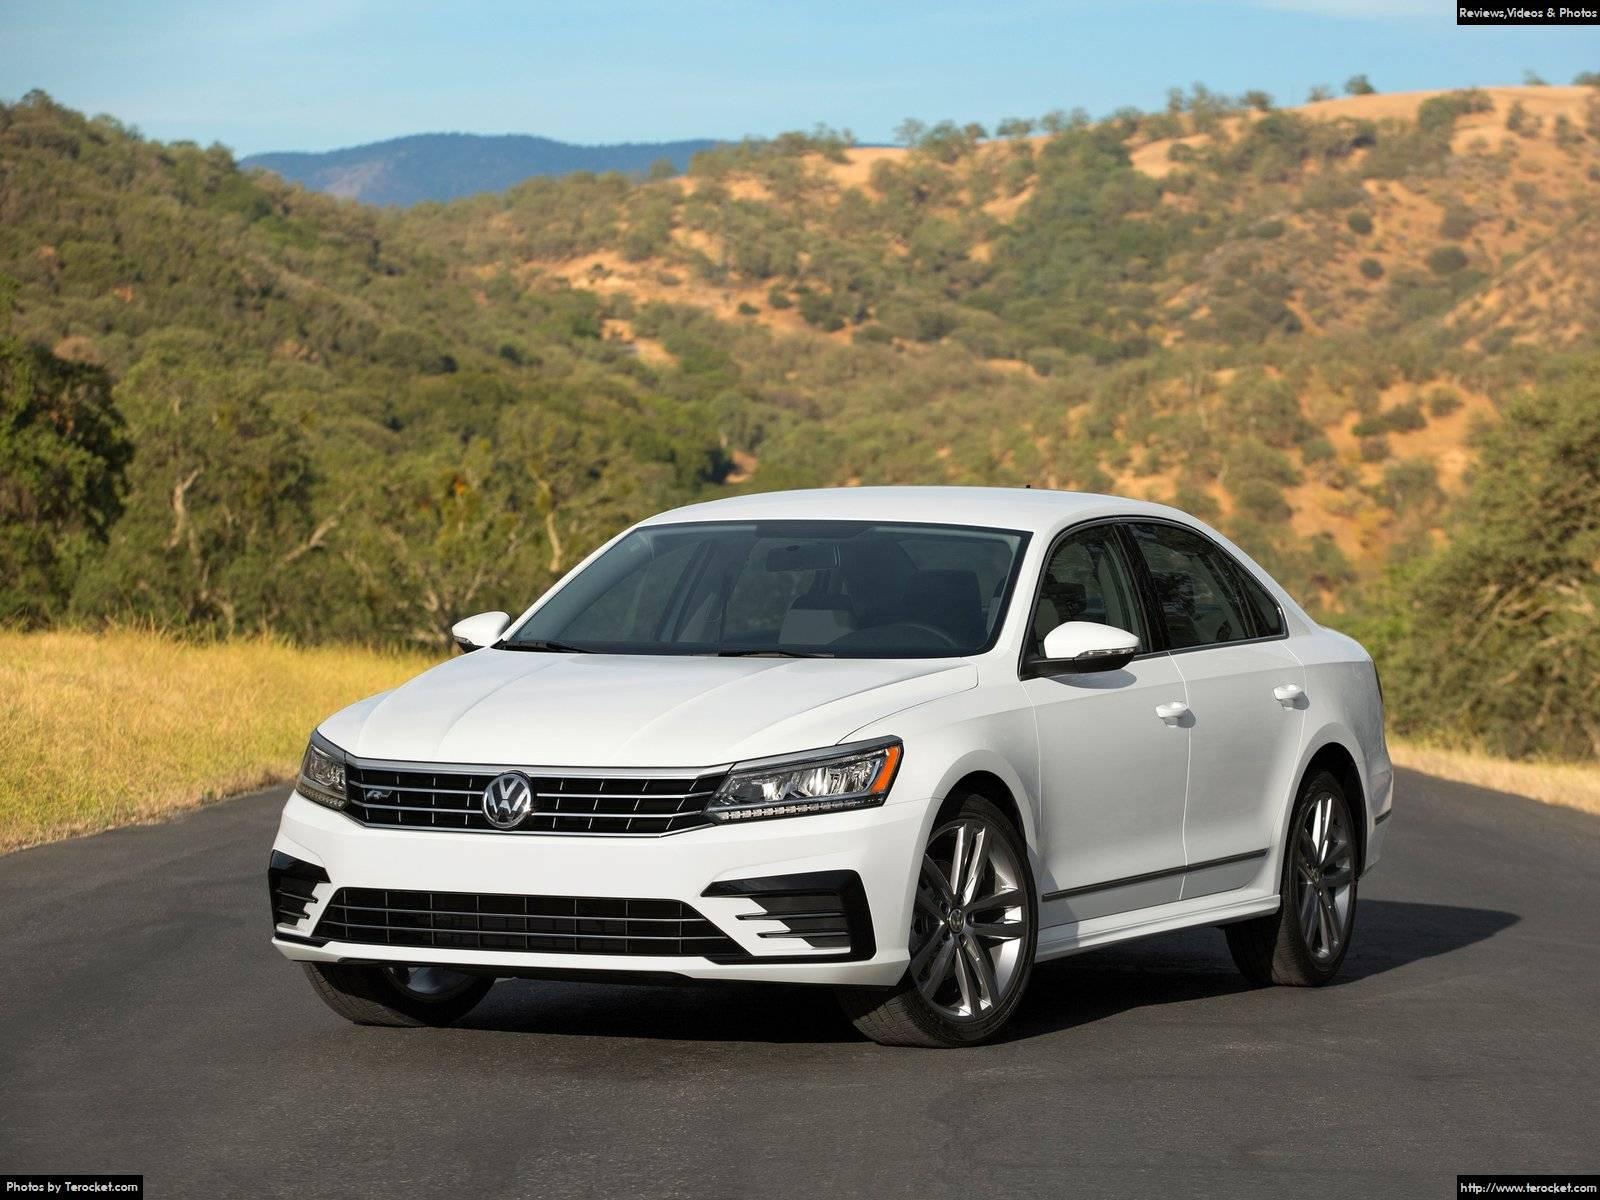 Hình ảnh xe ô tô Volkswagen Passat US-Version 2016 & nội ngoại thất